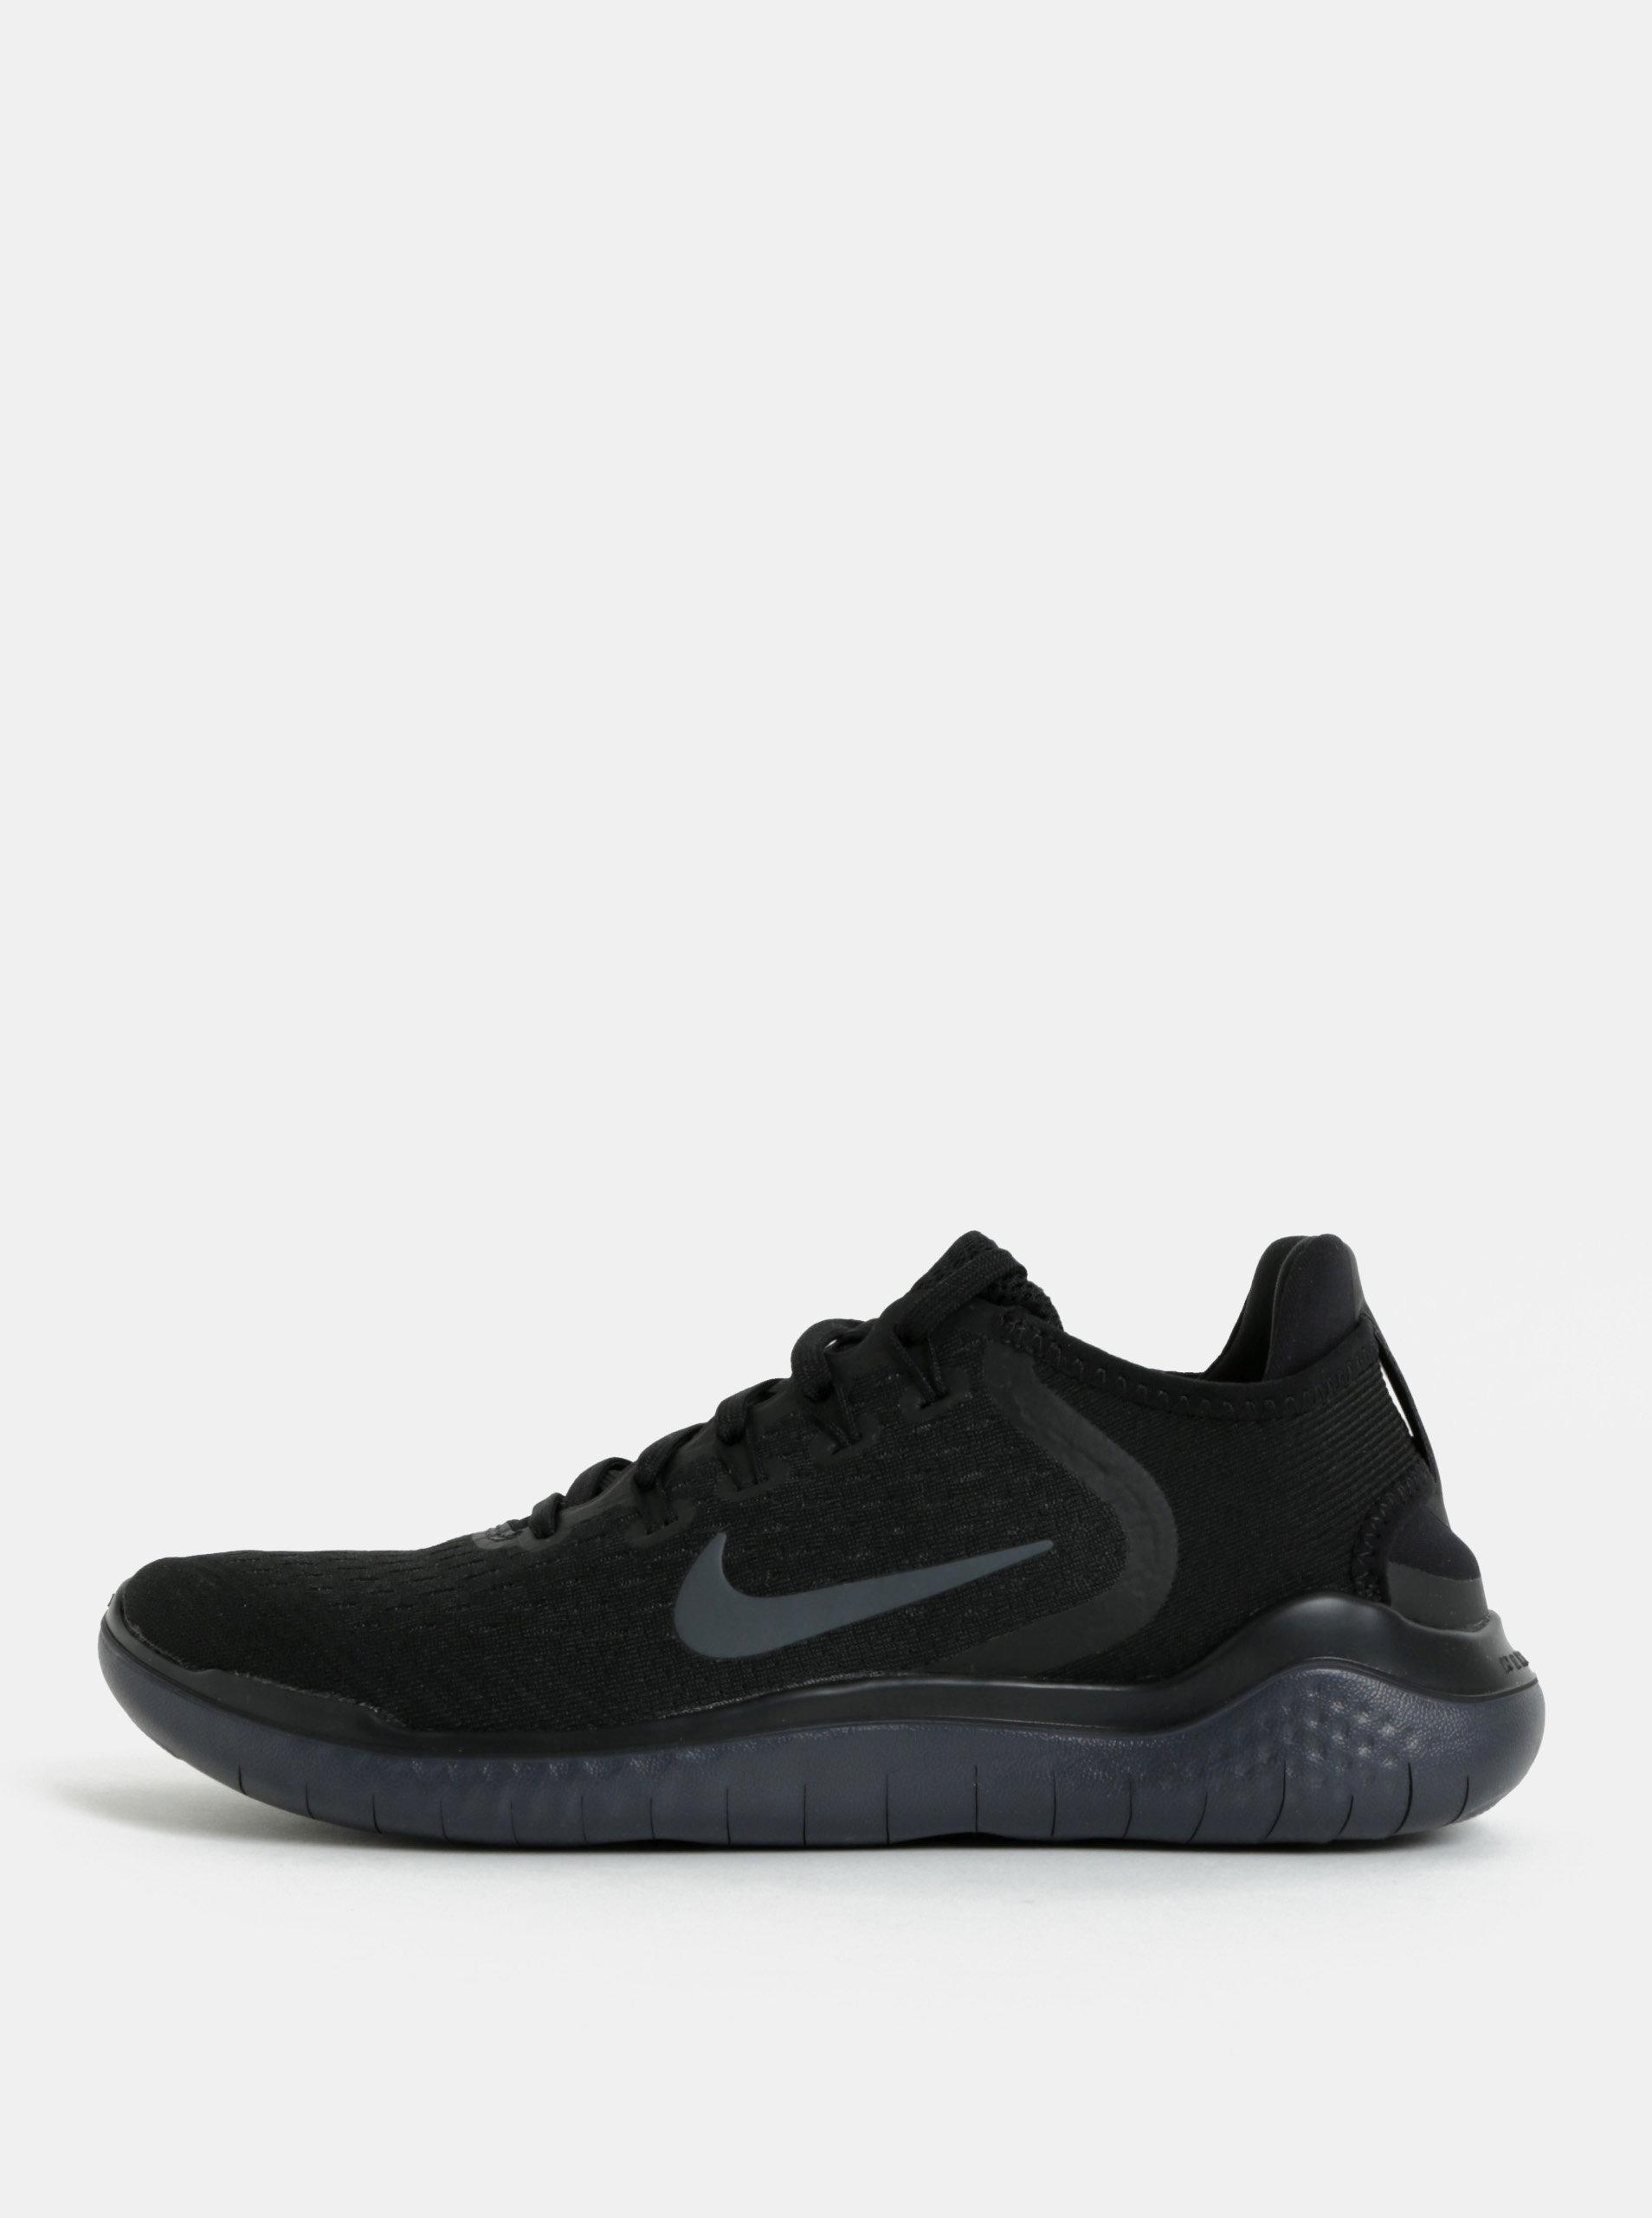 173d7177b7235 Čierne dámske tenisky Nike Free RN 2018 | ZOOT.sk